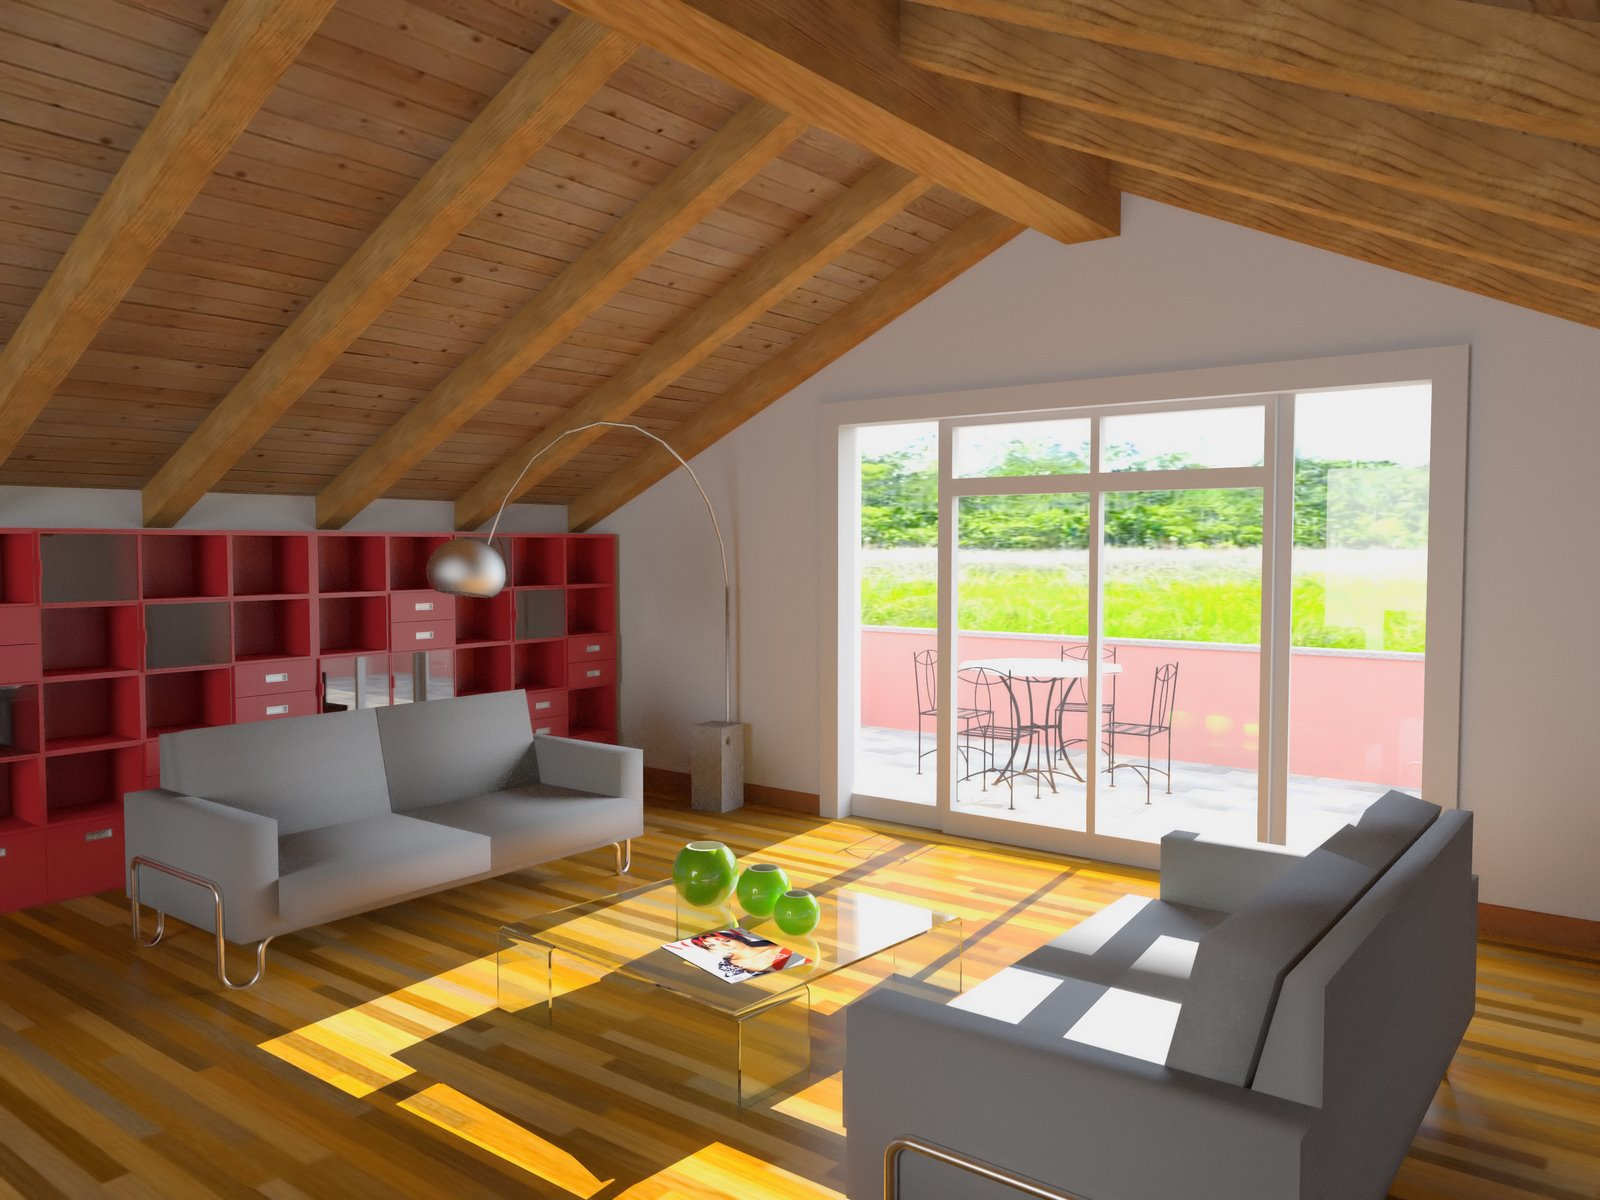 Bagno in mansarda non abitabile idee per la casa syafir.com